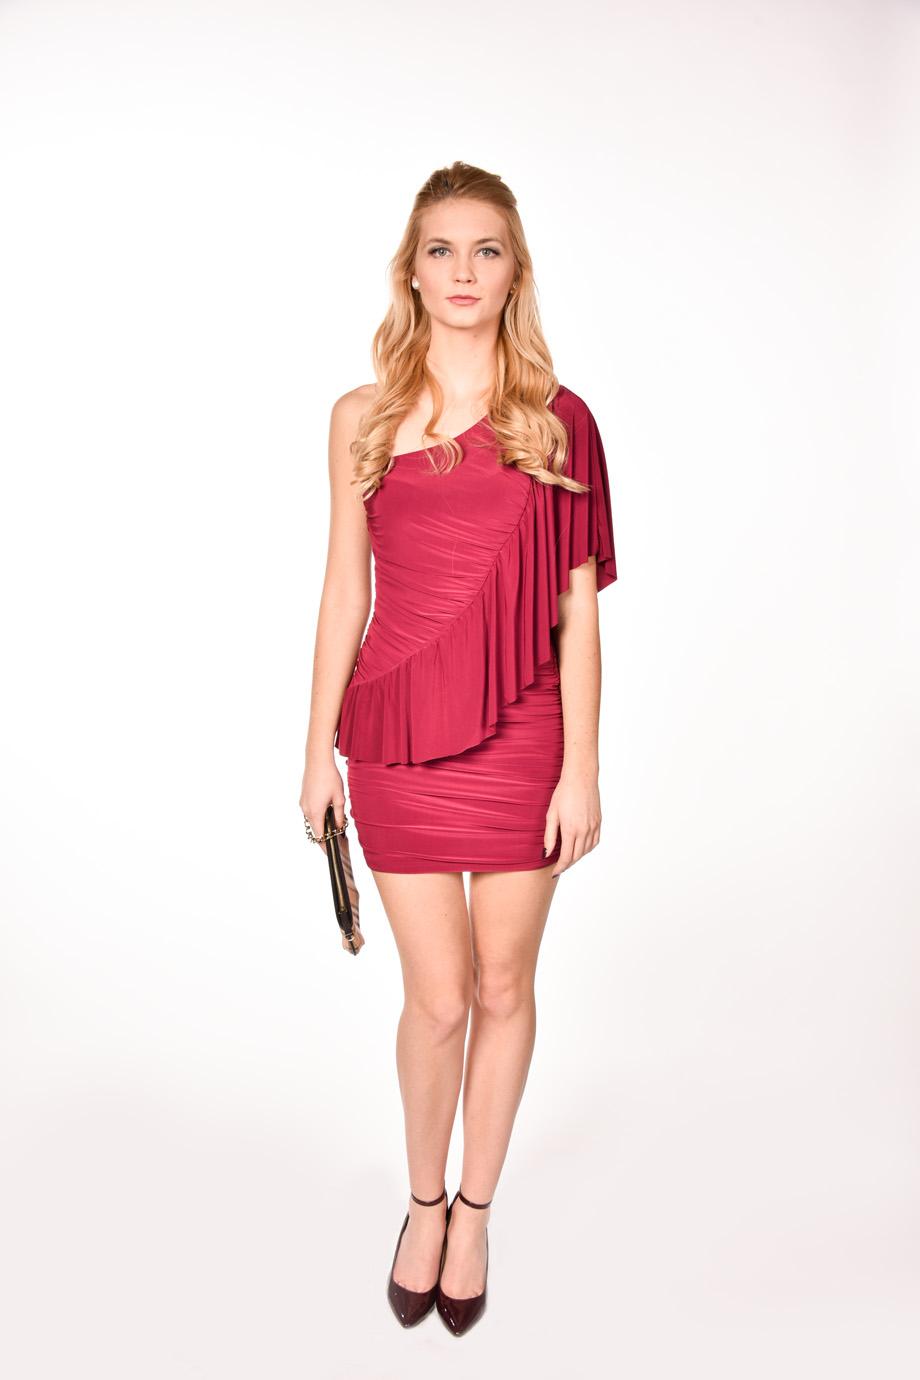 bb443d91c542 obrázok 4 ASOS červené šaty s volánom na jedno rameno